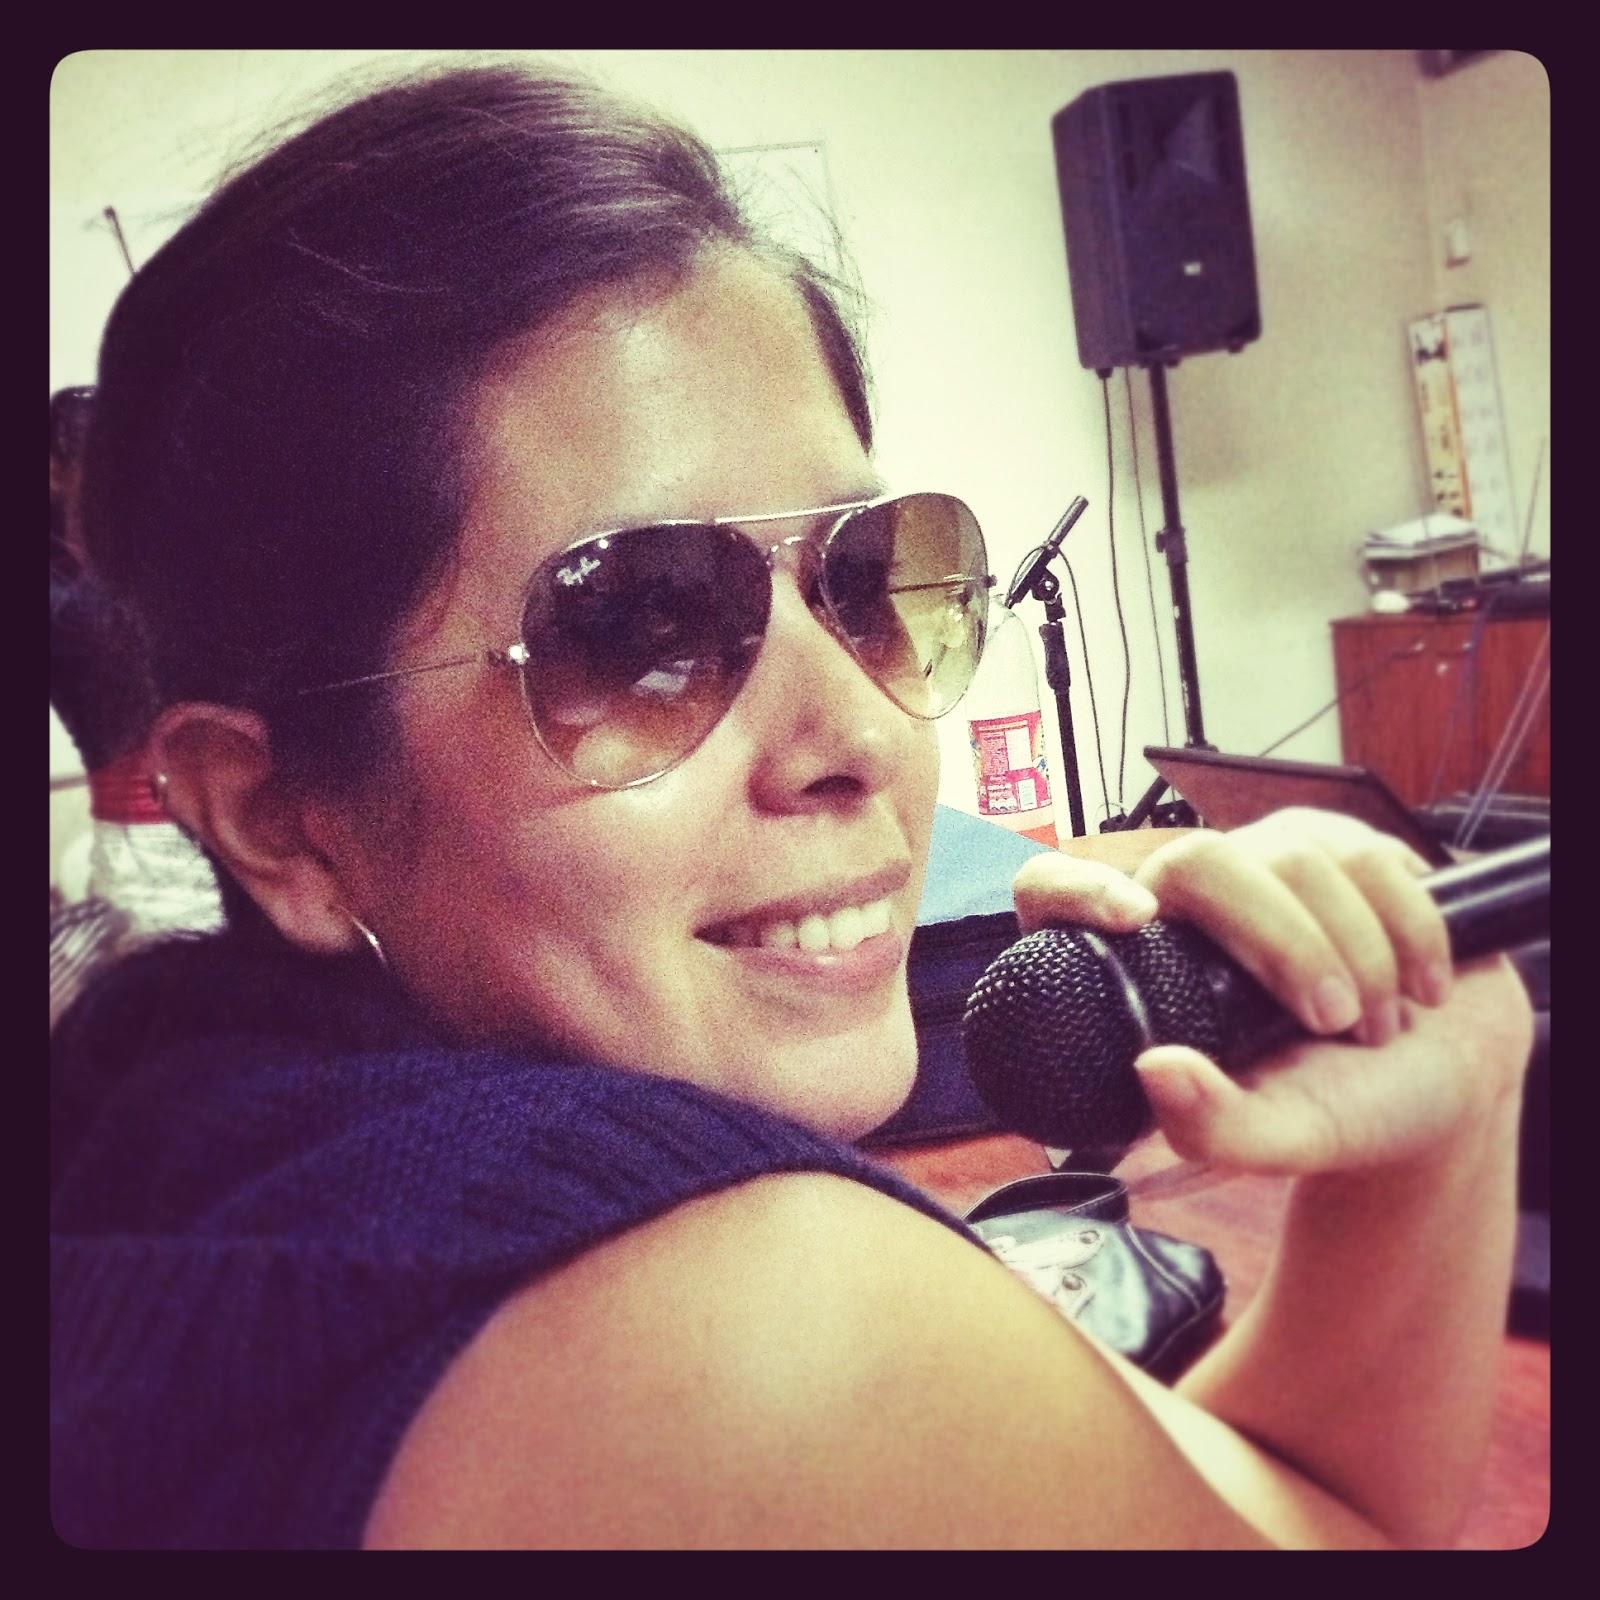 Sunglasses at night! y un micrófono